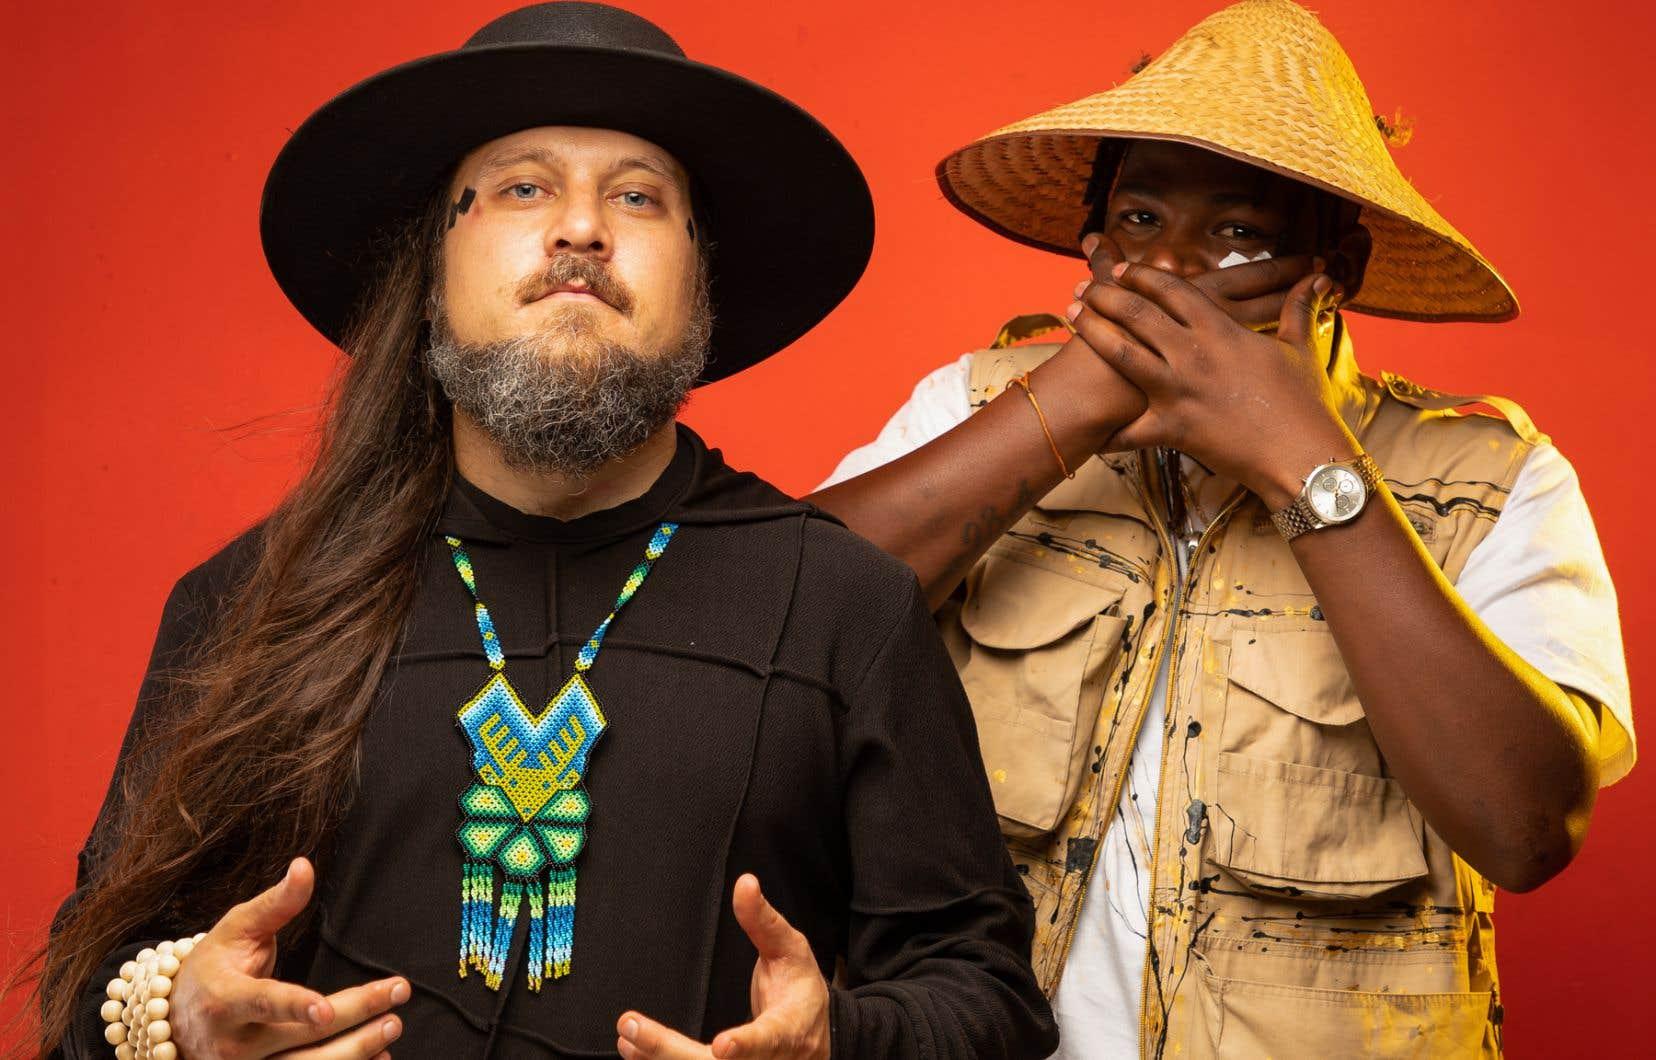 De la même manière que Monk.E a reçu l'hospitalité des Ougandais durant cette pandémie qui s'étire, on le sent accueilli dans l'univers musical de Zex BilangiLangi sur cet album.